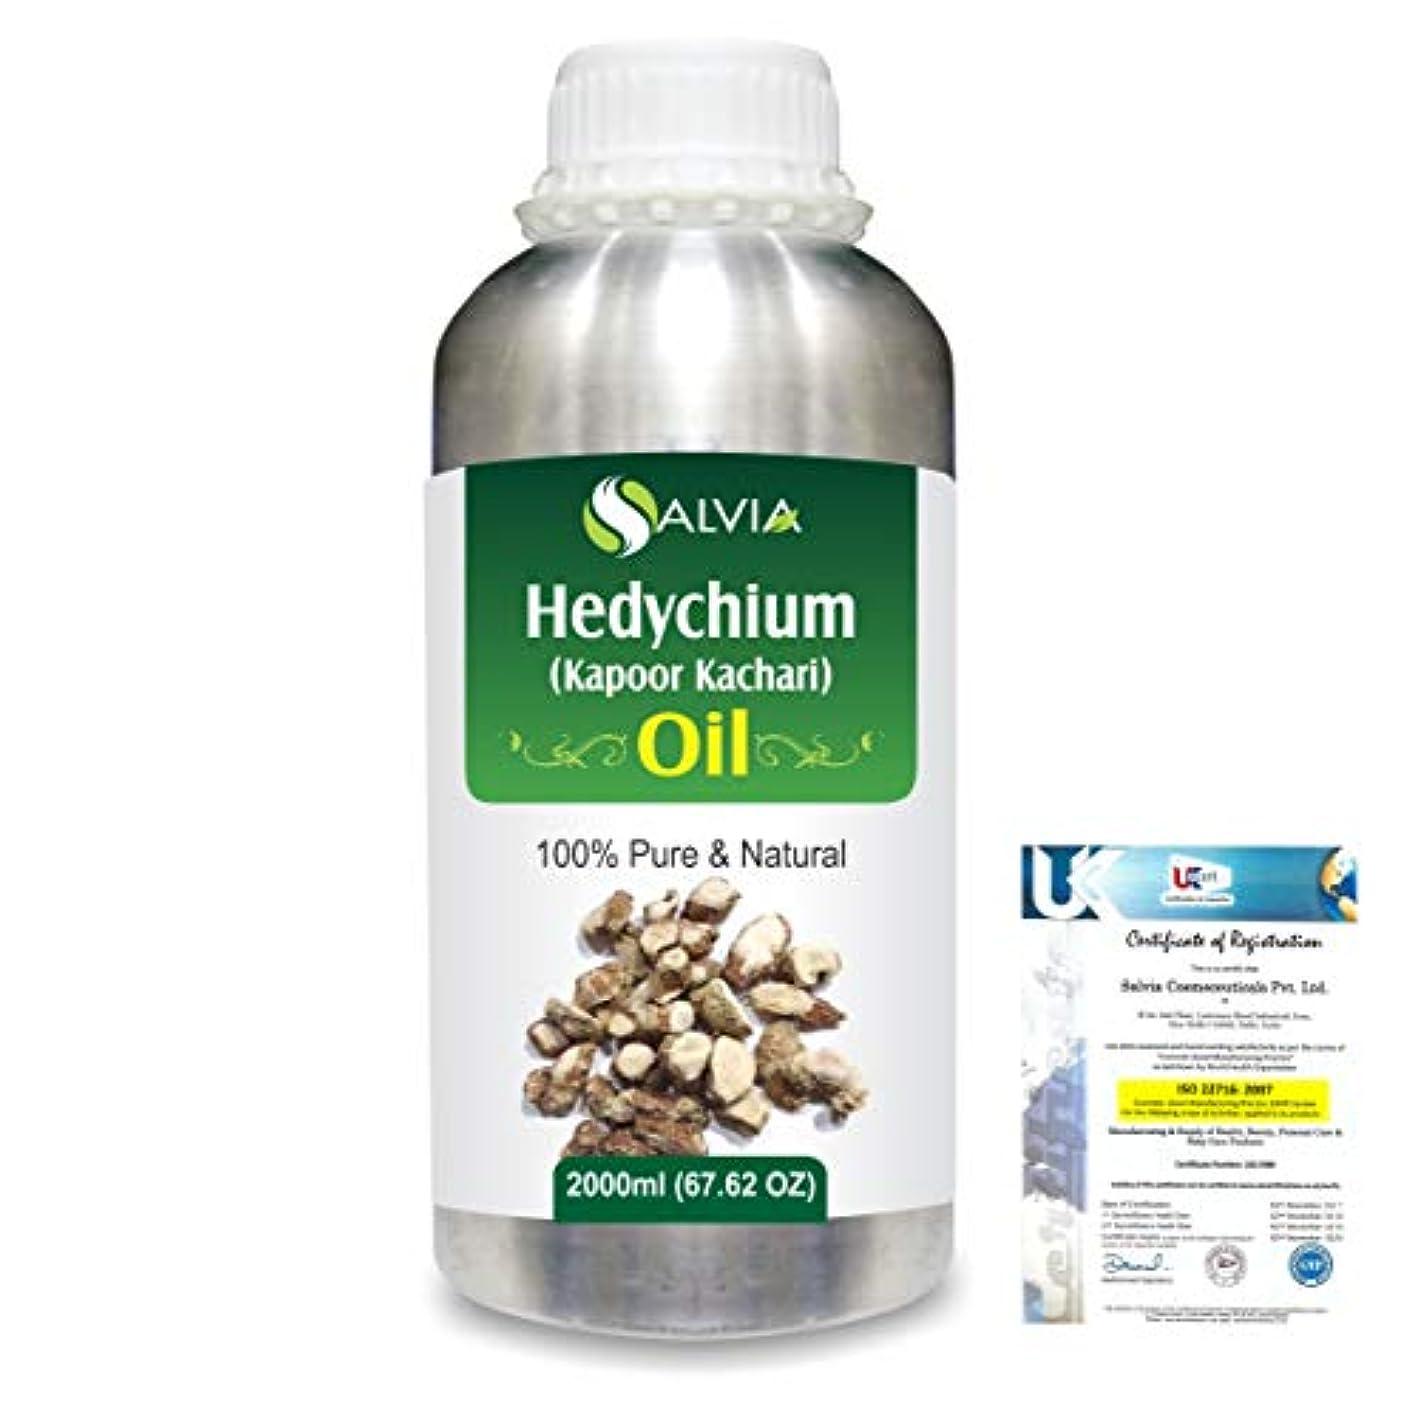 店主動韻Hedychium (Kapoor Kachari) 100% Natural Pure Essential Oil 2000ml/67 fl.oz.